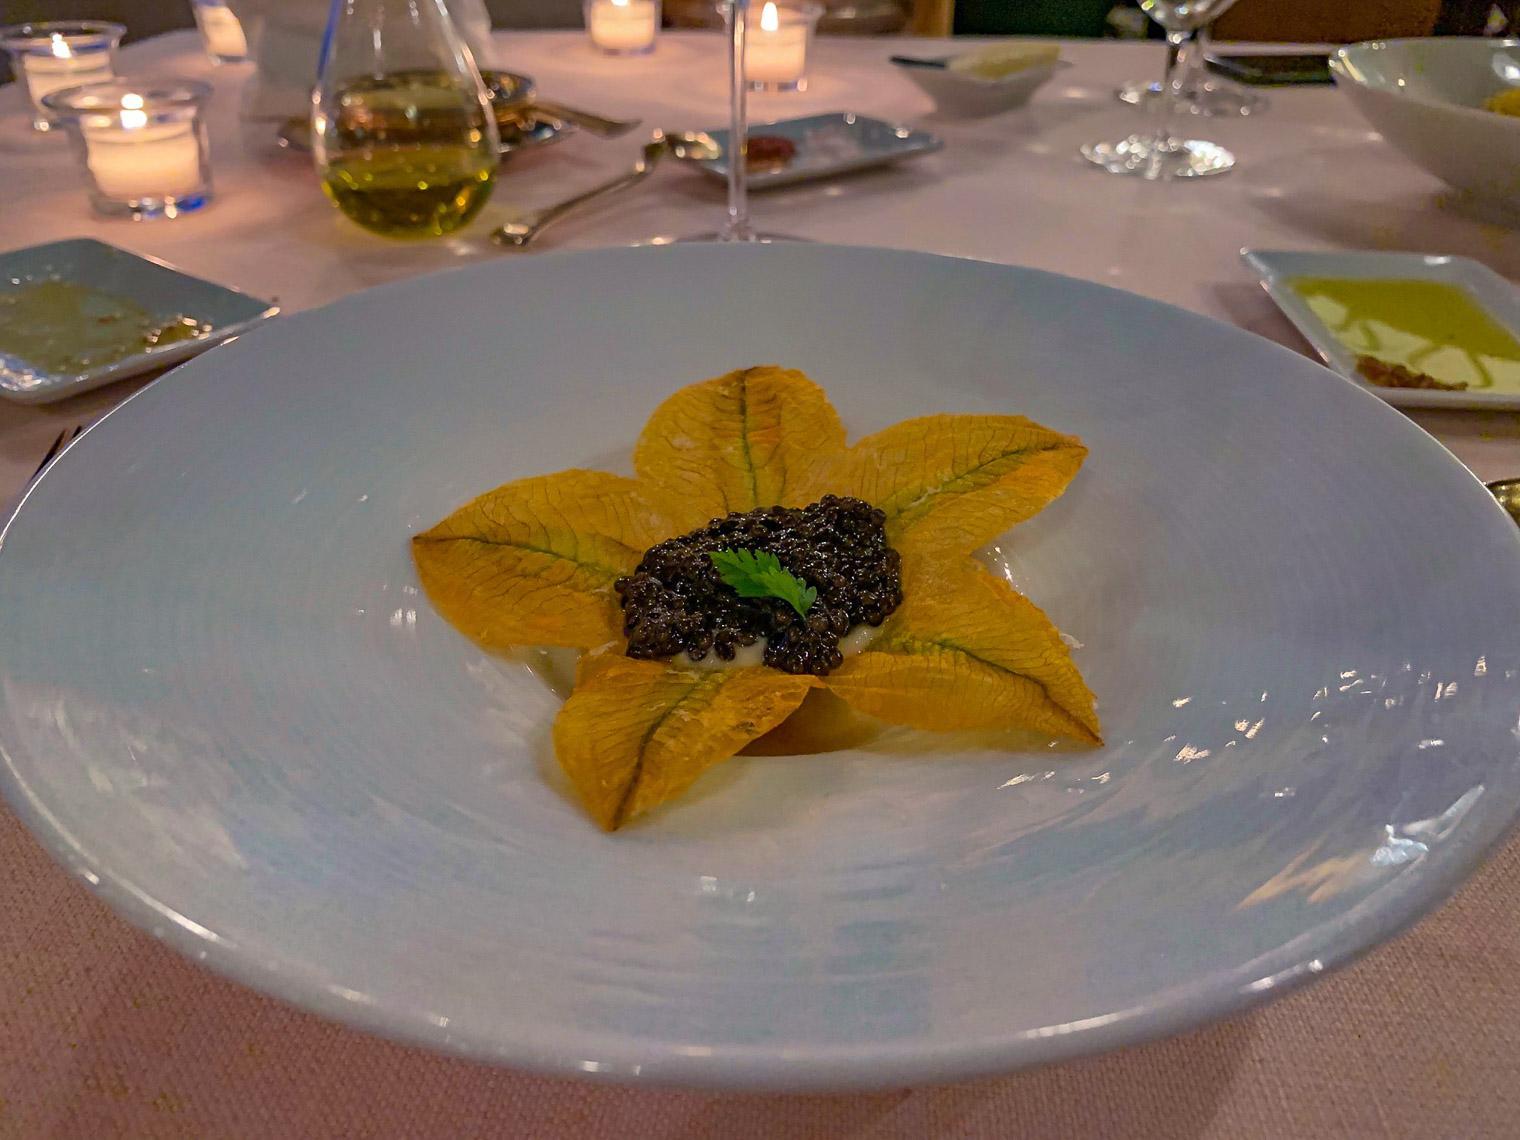 Fried Zucchini Flower with Caviar